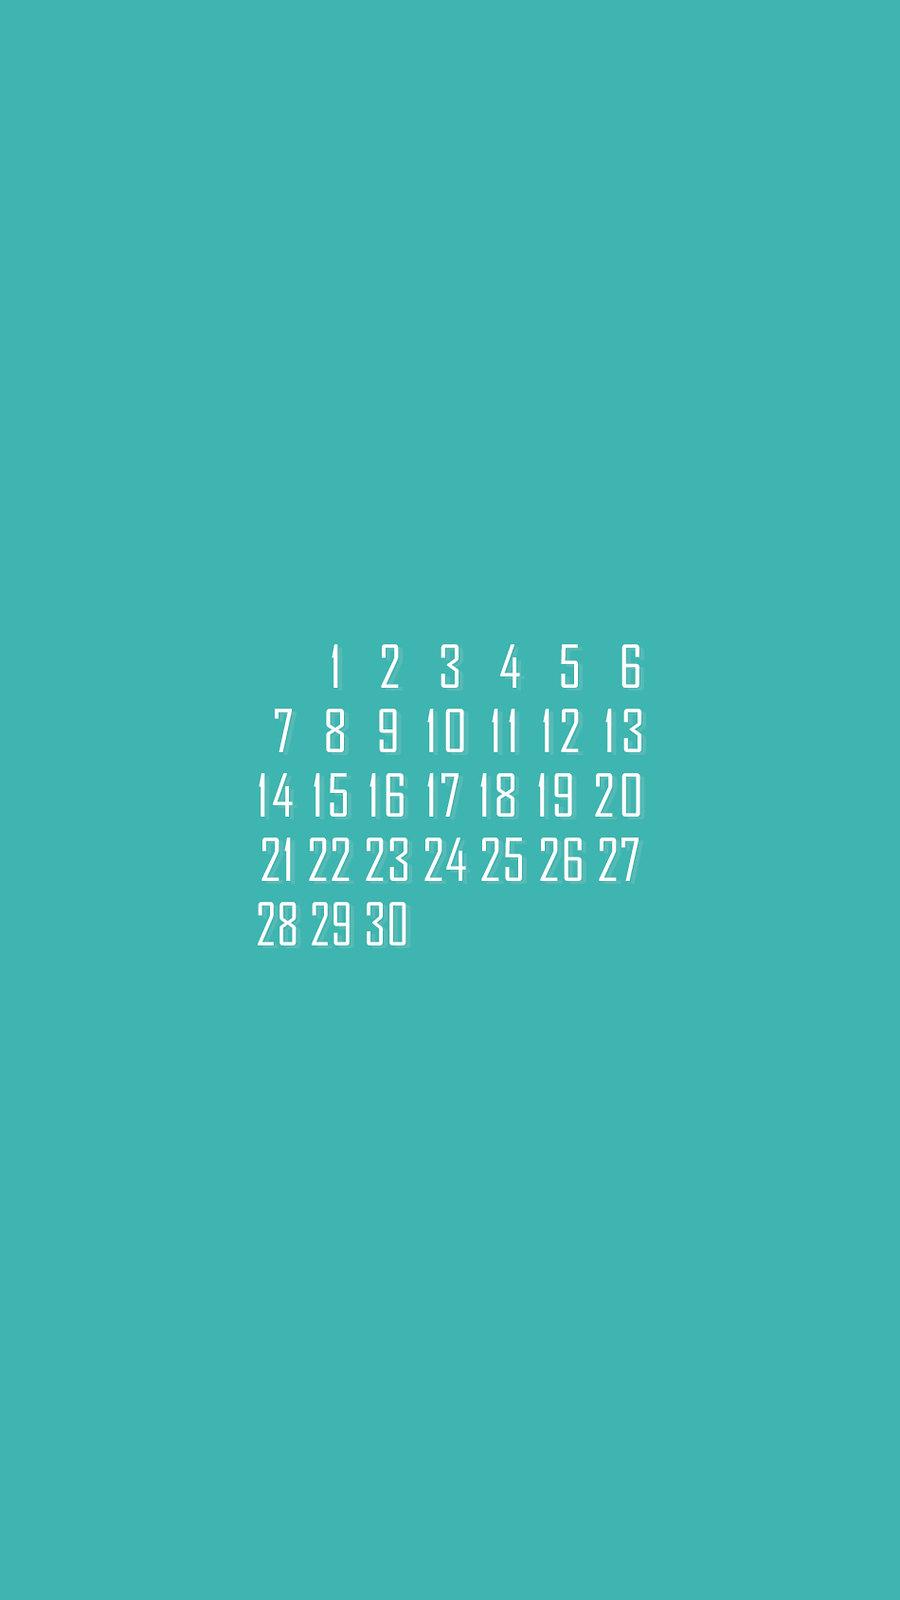 календарь на июнь '21, заставка на смартфон, district-f.org 10